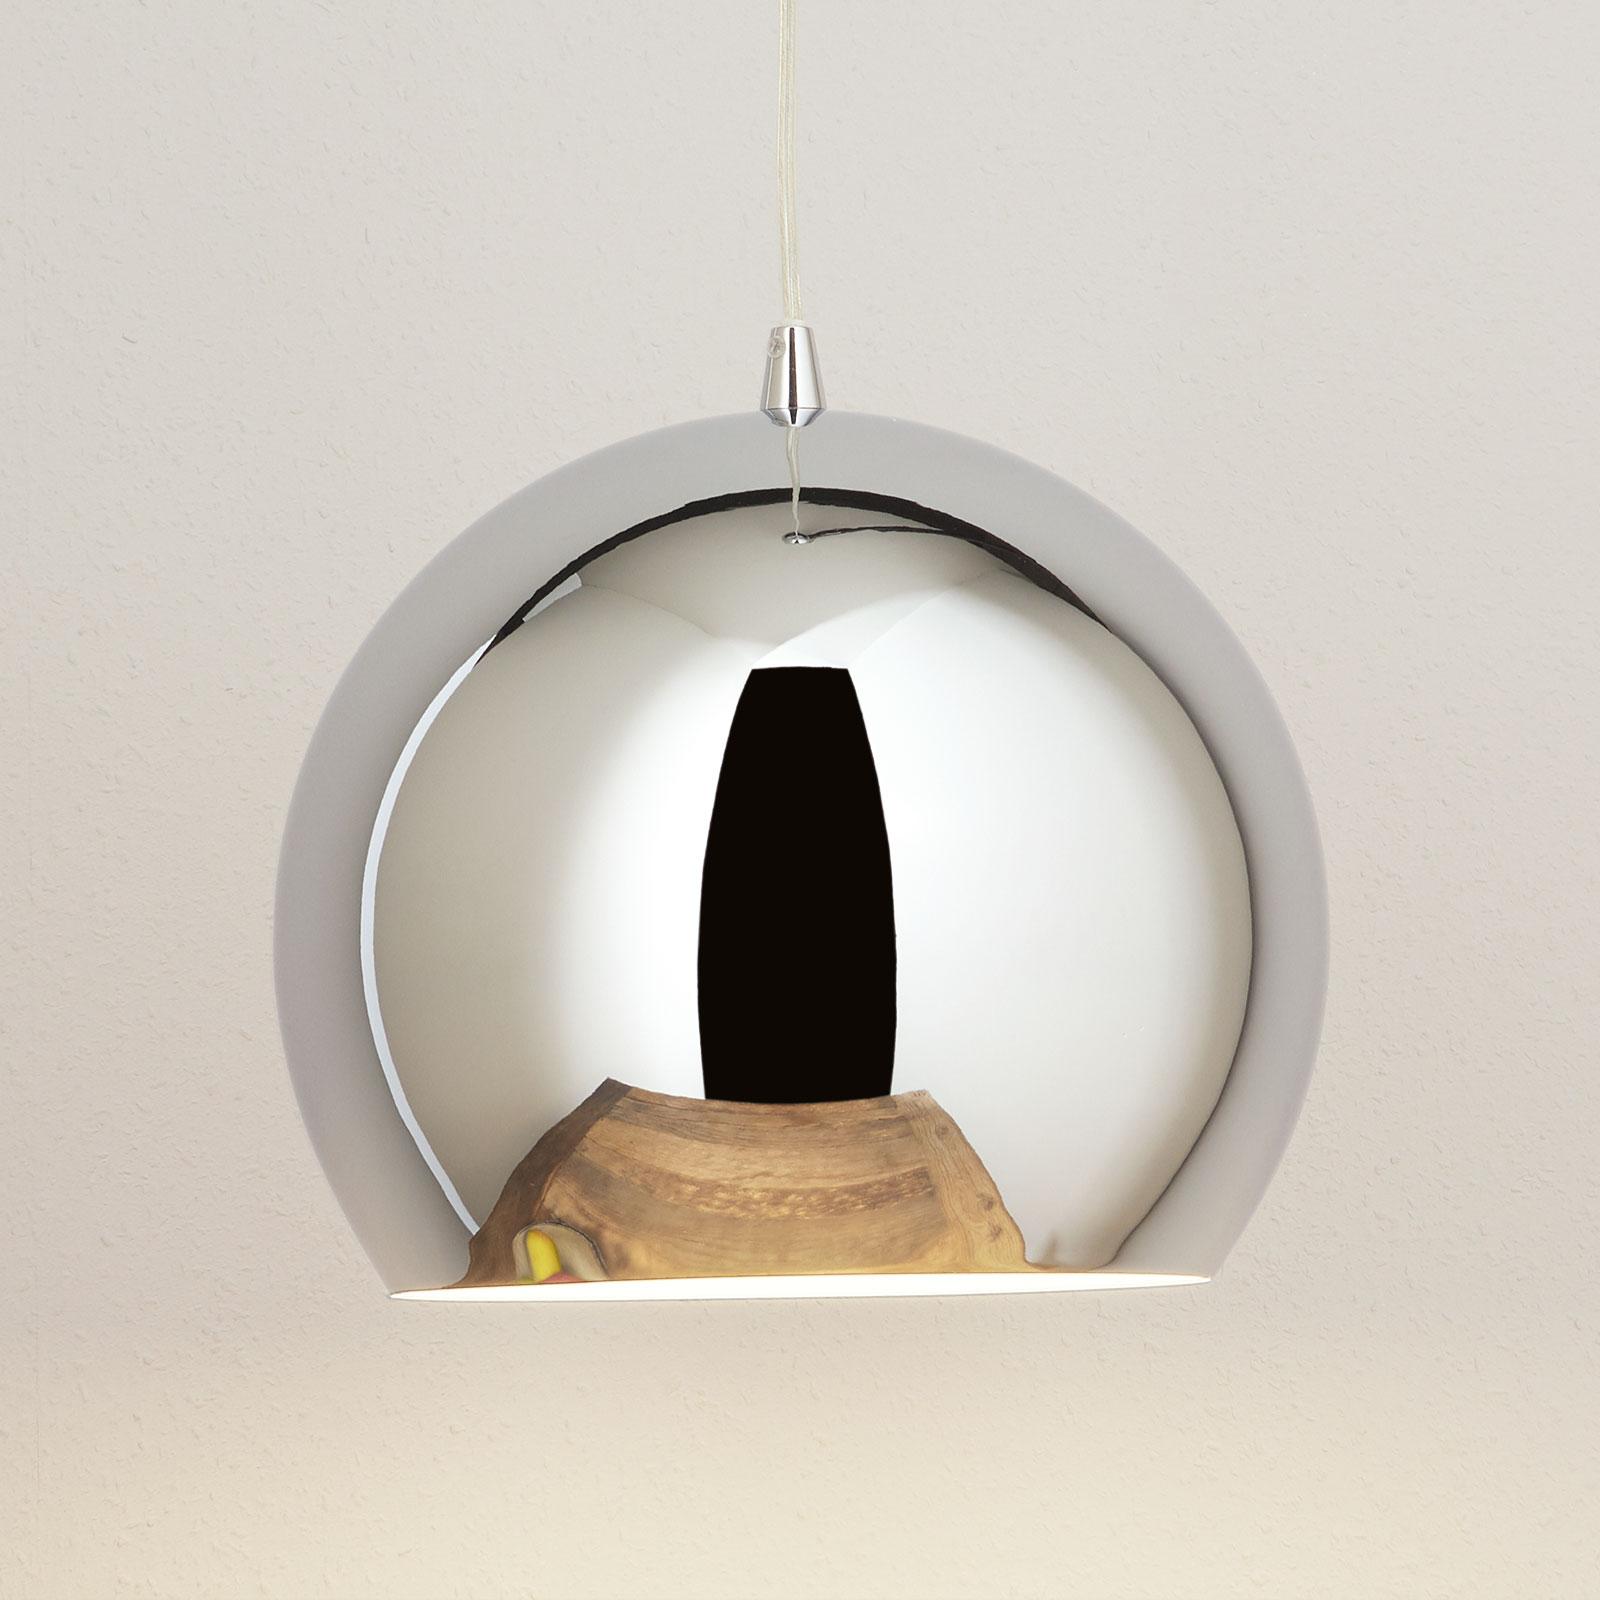 Hængelampe Bulle, i krom